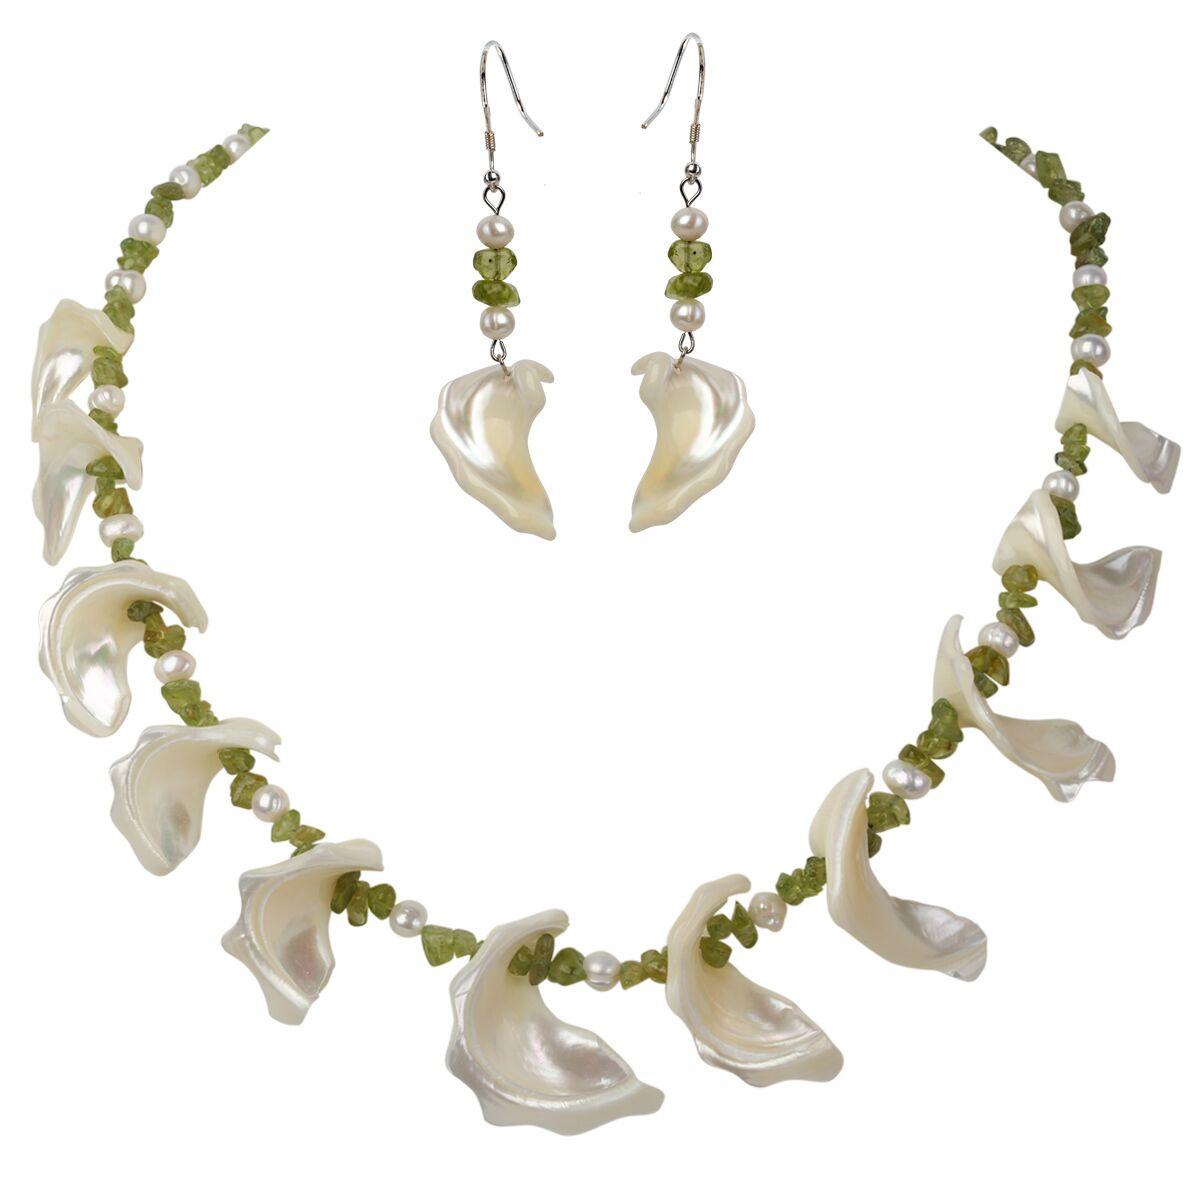 YACQ-عقد من الفضة الإسترليني عيار 925 مع أم اللؤلؤ والزبرجد ، قلادة ، أقراط متدلية ، أطقم مجوهرات ، هدايا للنساء